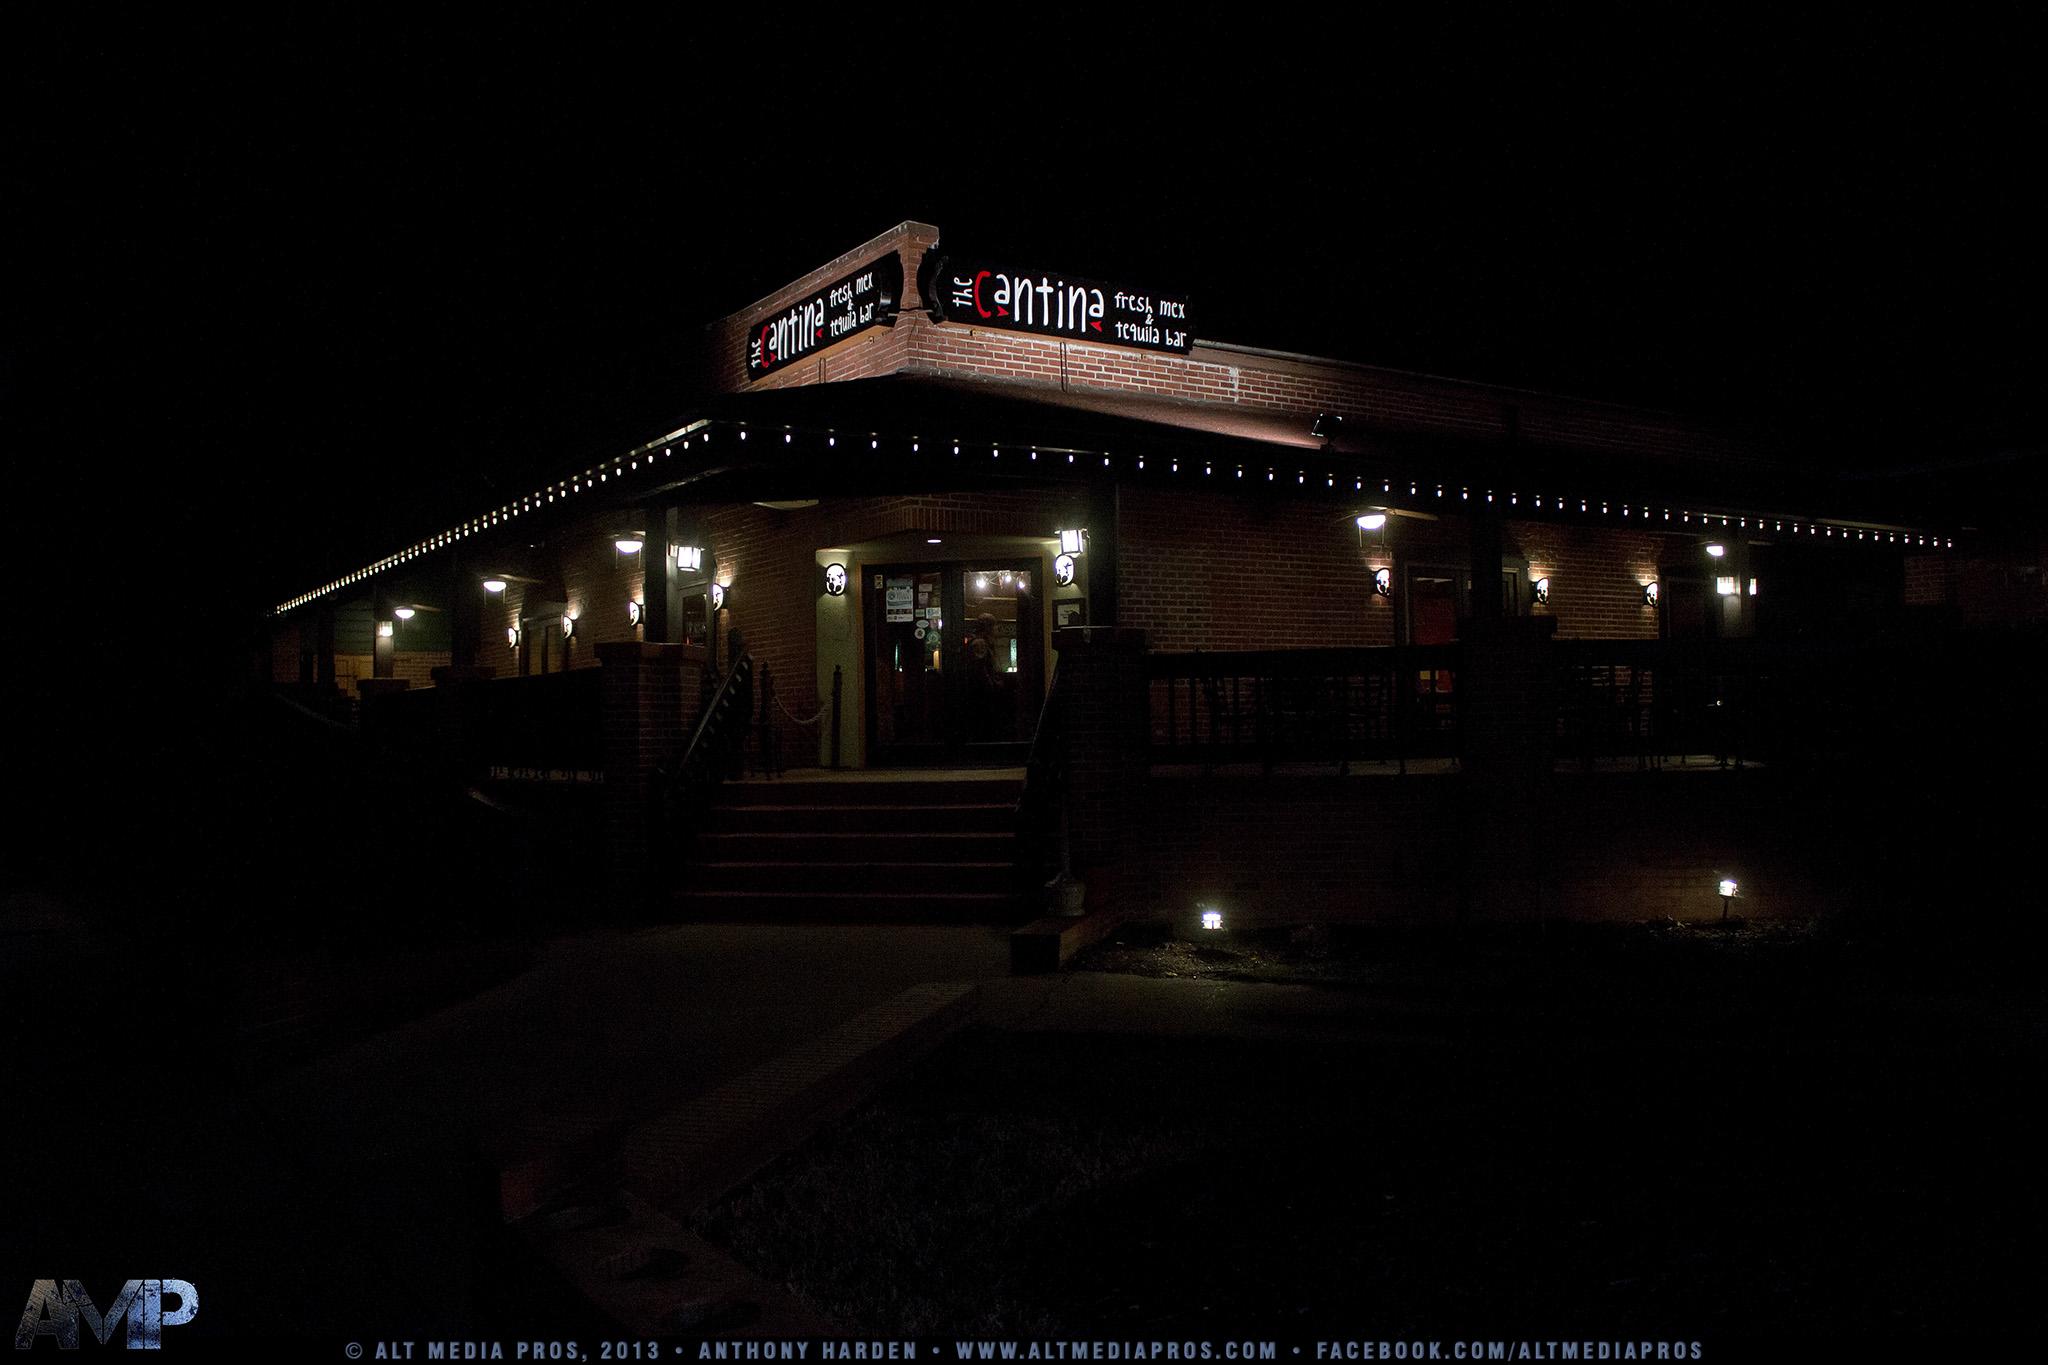 Cantina at Biltmore_PSD_022813_004.jpg